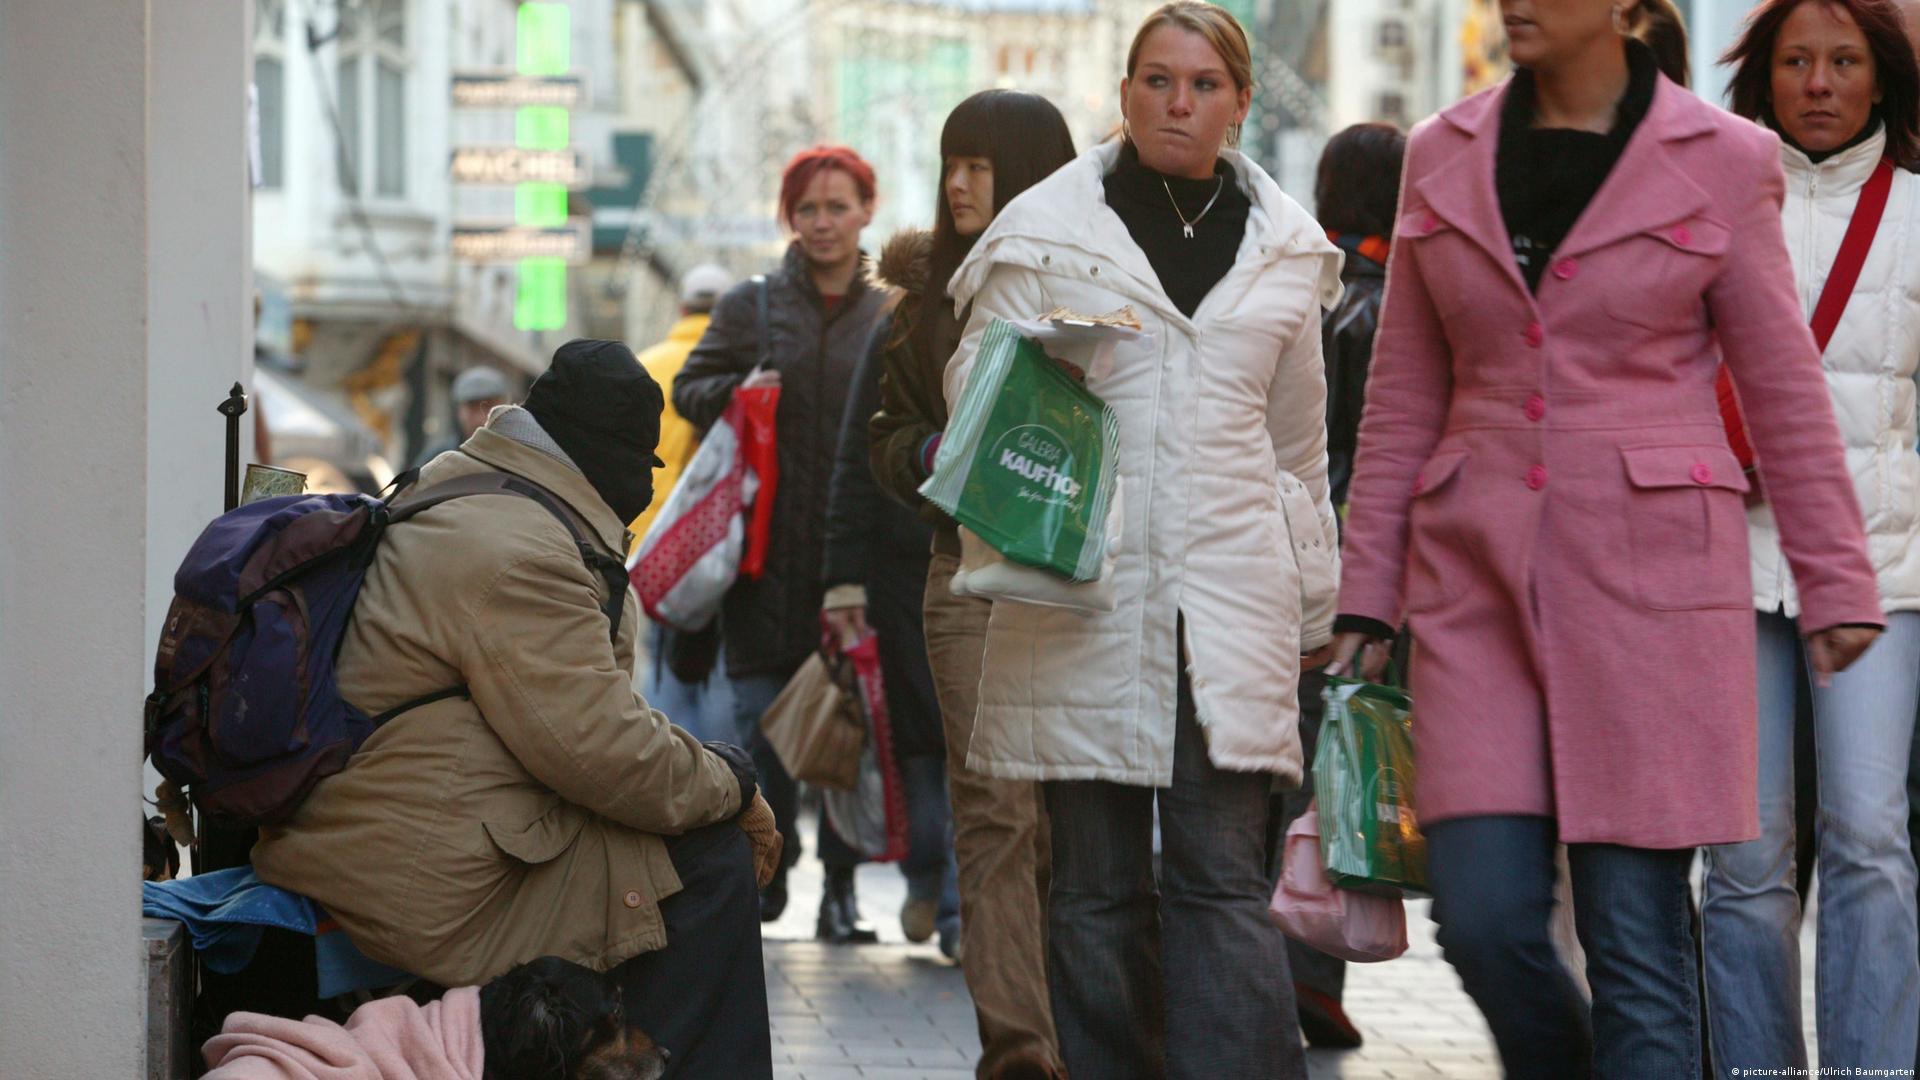 آلمان/ میانگین دستمزد خالص: ۱۱۷۶ یورو در ماه/ ثروتمند: دریافت بیش از ۳۹۰۰ یورو در ماه